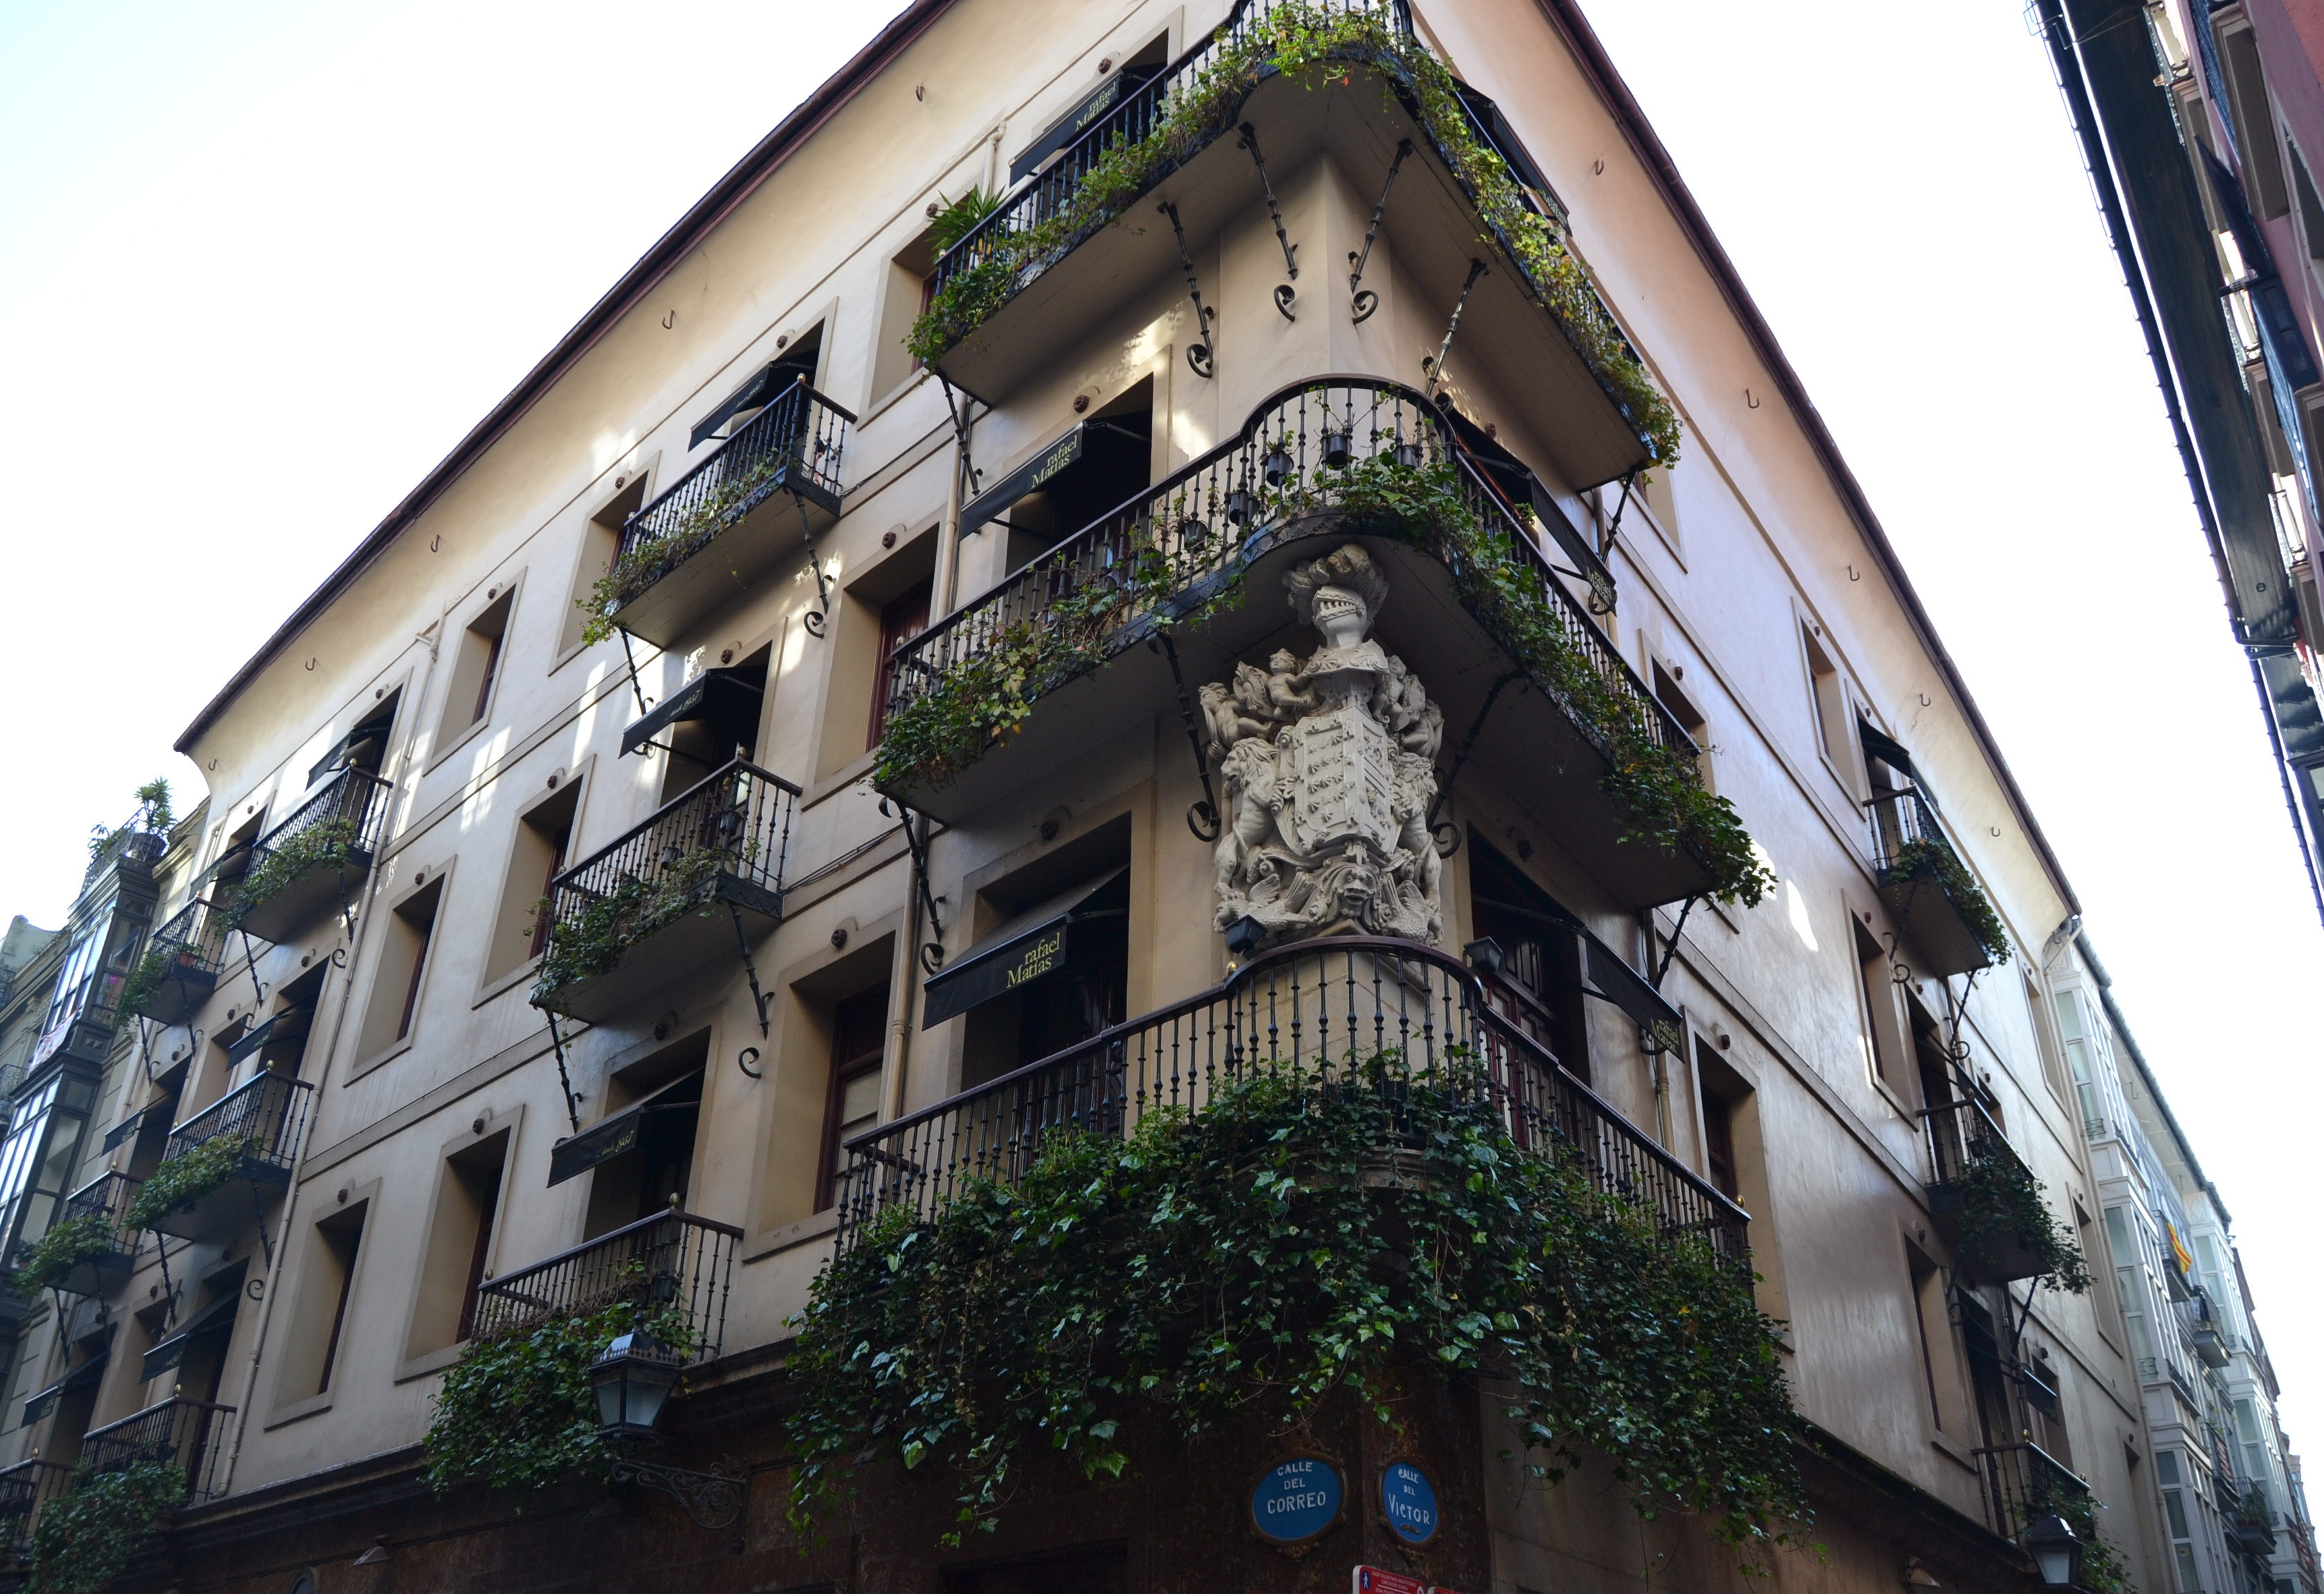 Quoi faire à Bilbao en 3 jours - Bilbao Casco Viejo Biscaye lieux instagram quoi voir à Bilbao quoi faire à Bilbao quoi faire 3 jours à Bilbao blog voyage les p'tits touristes